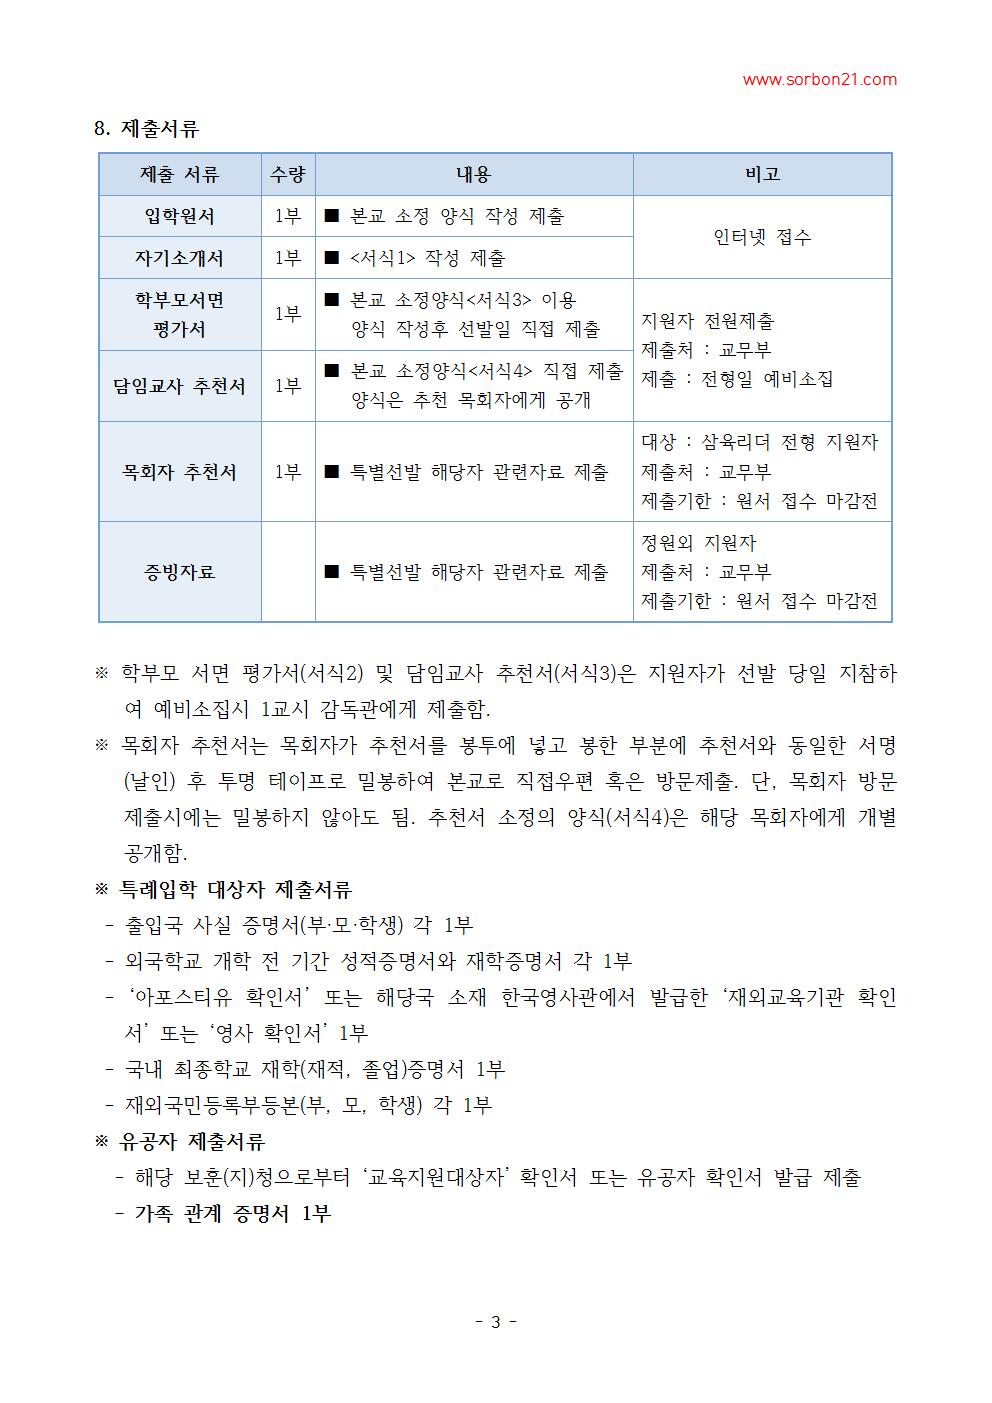 2018학년도 삼육중학교 입학 요강003.png